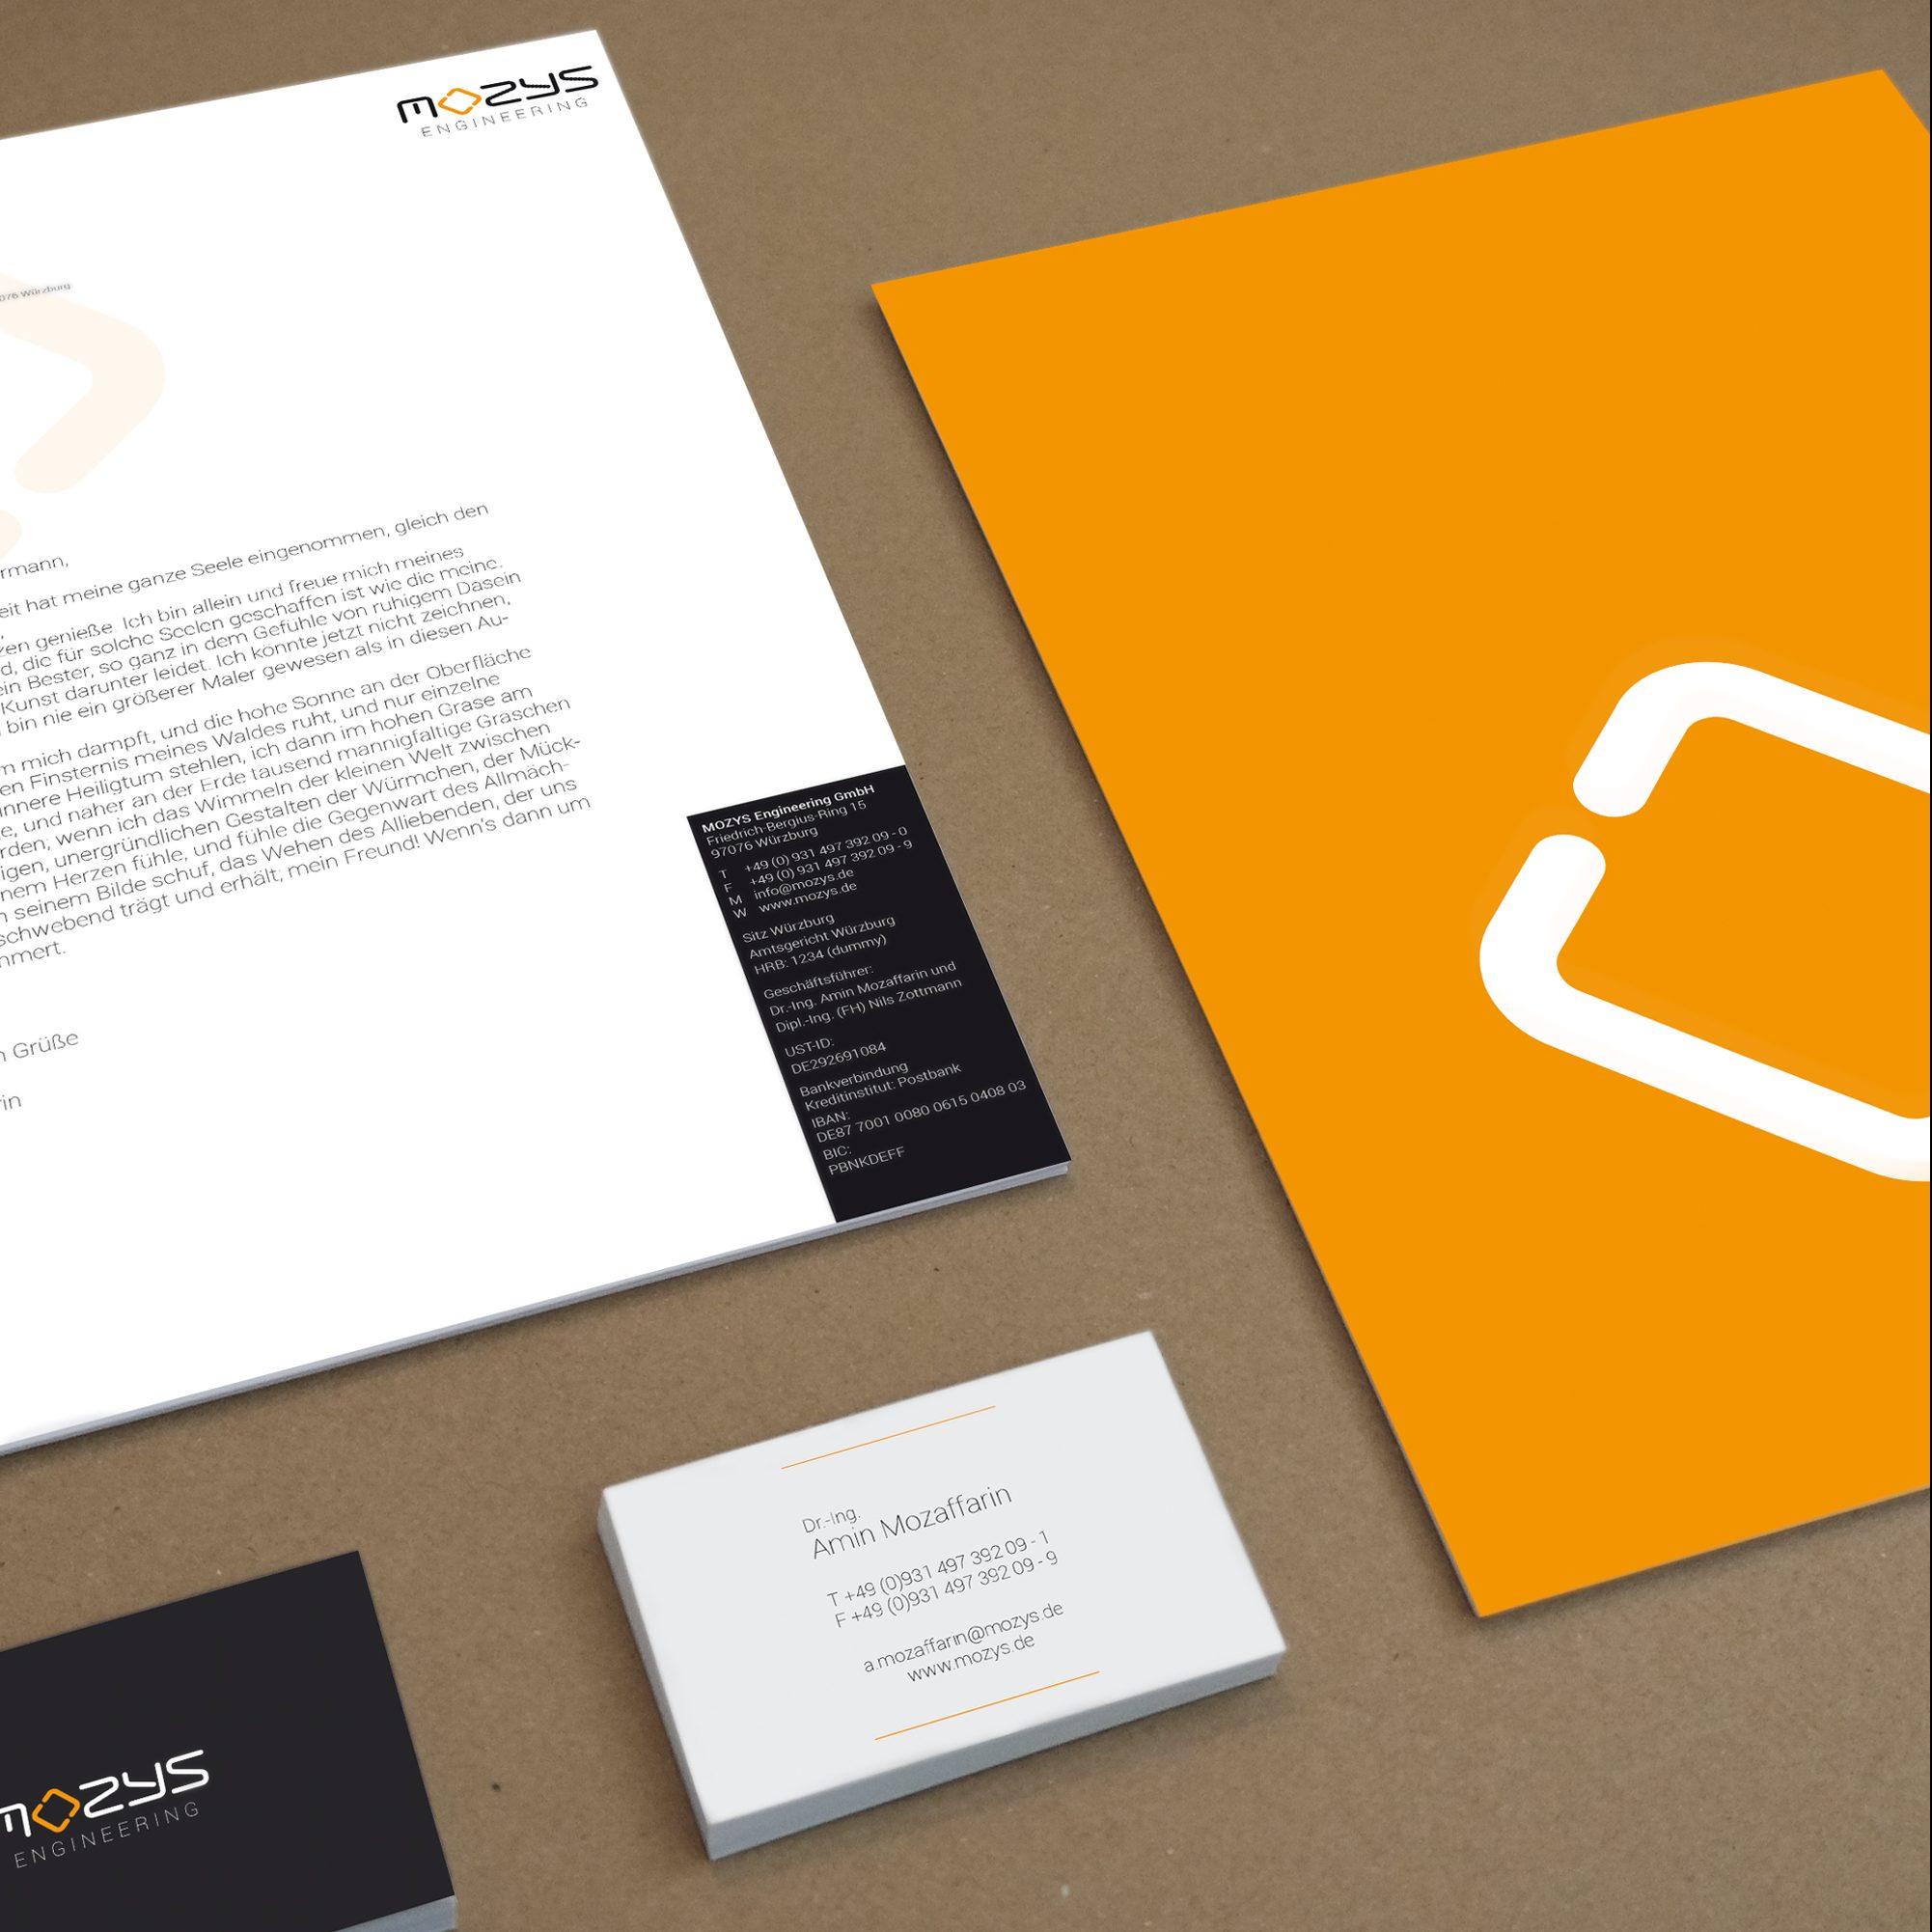 MOZYS Corporate Design Geschäftsausstattung Markenkreation jos büro für Gestaltung Würzburg